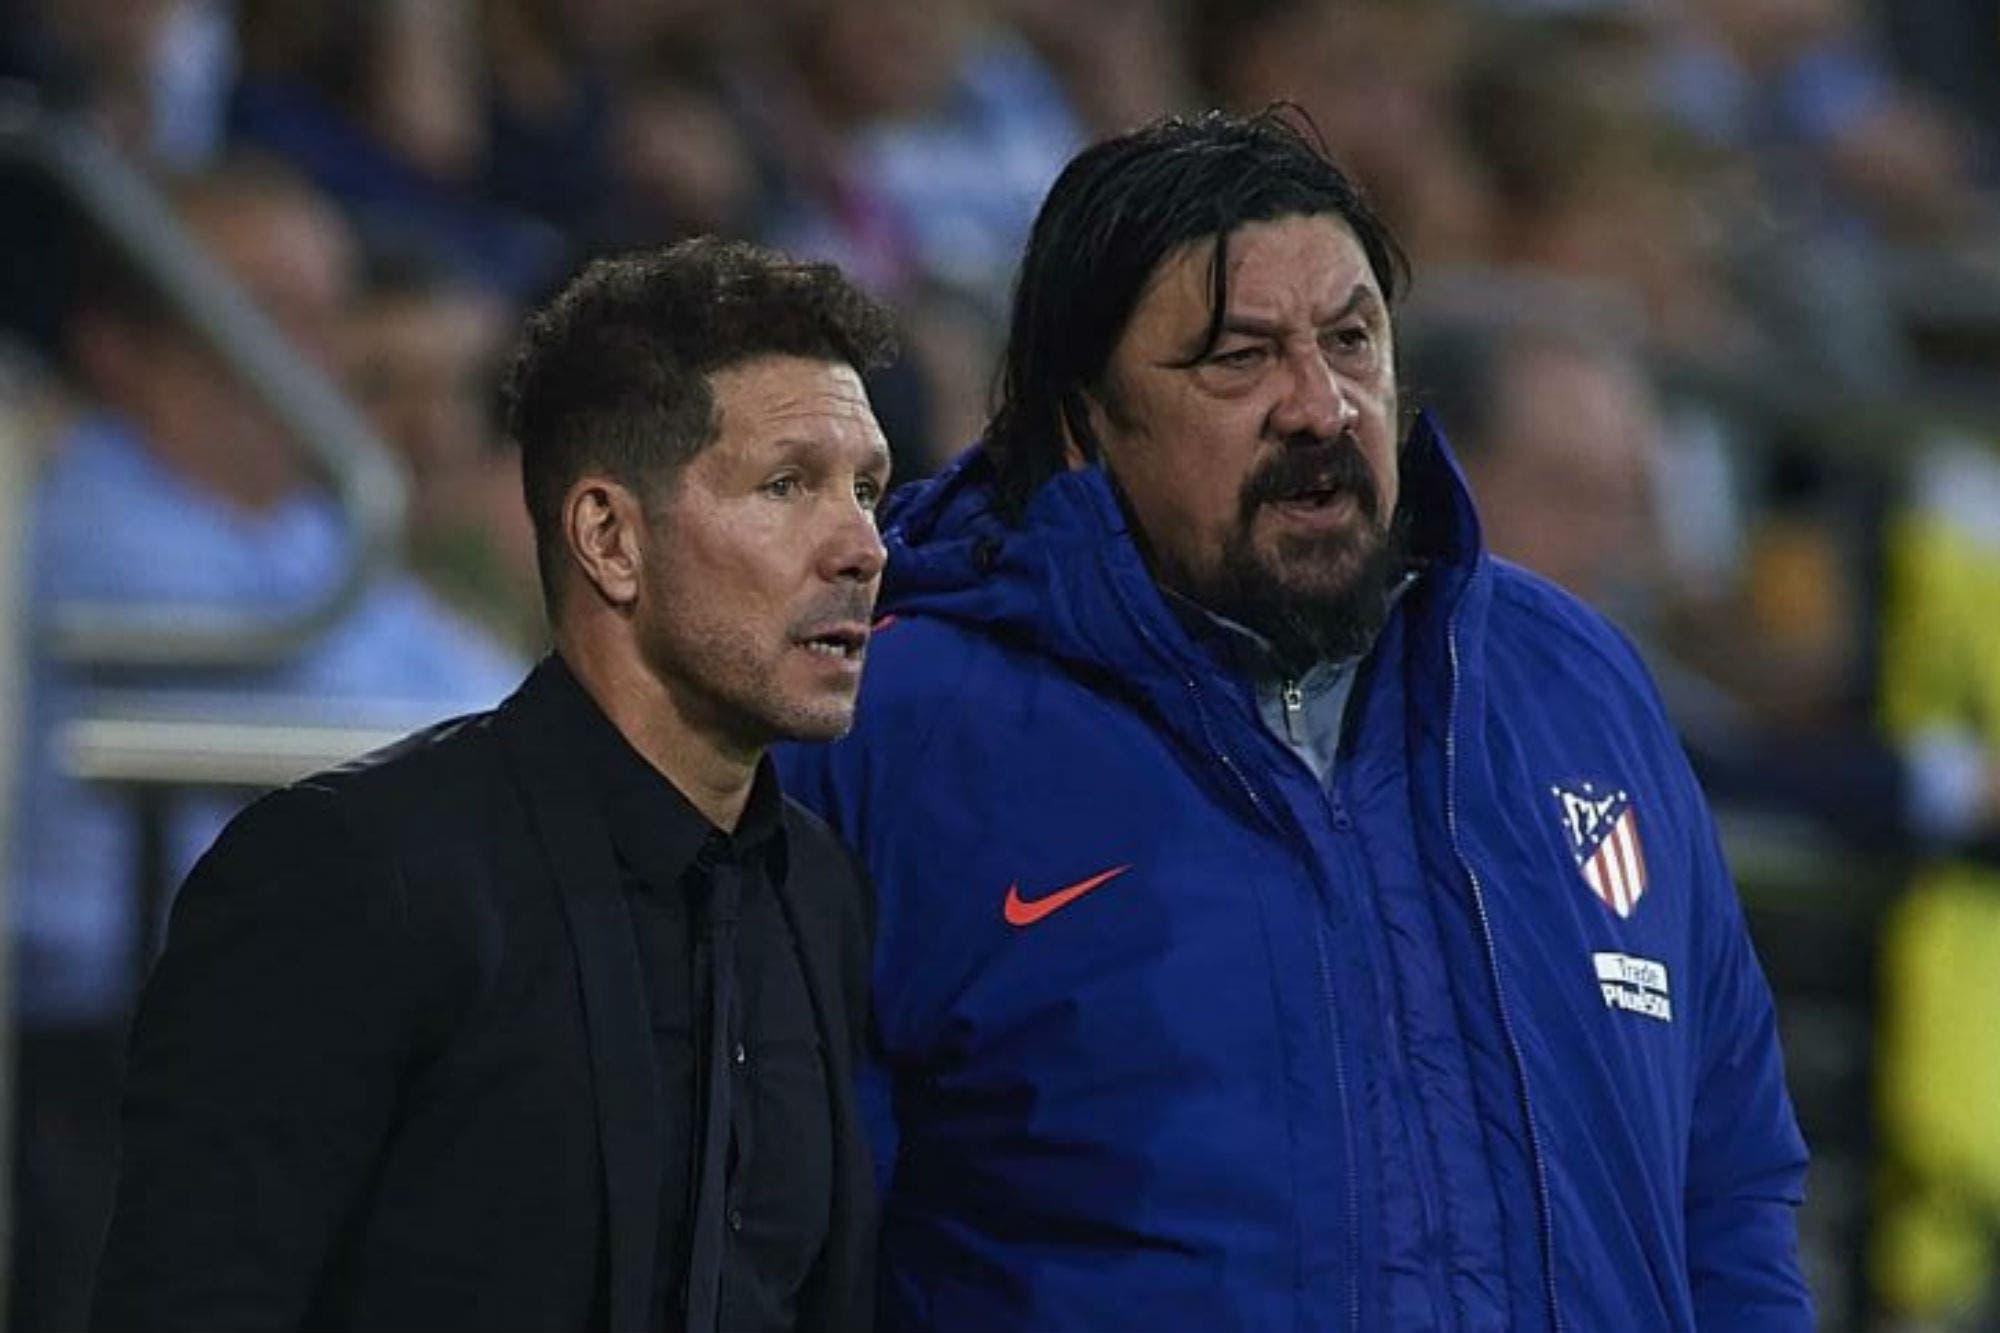 Se separan? El Mono Burgos dejaría de ser ayudante de Simeone en ...